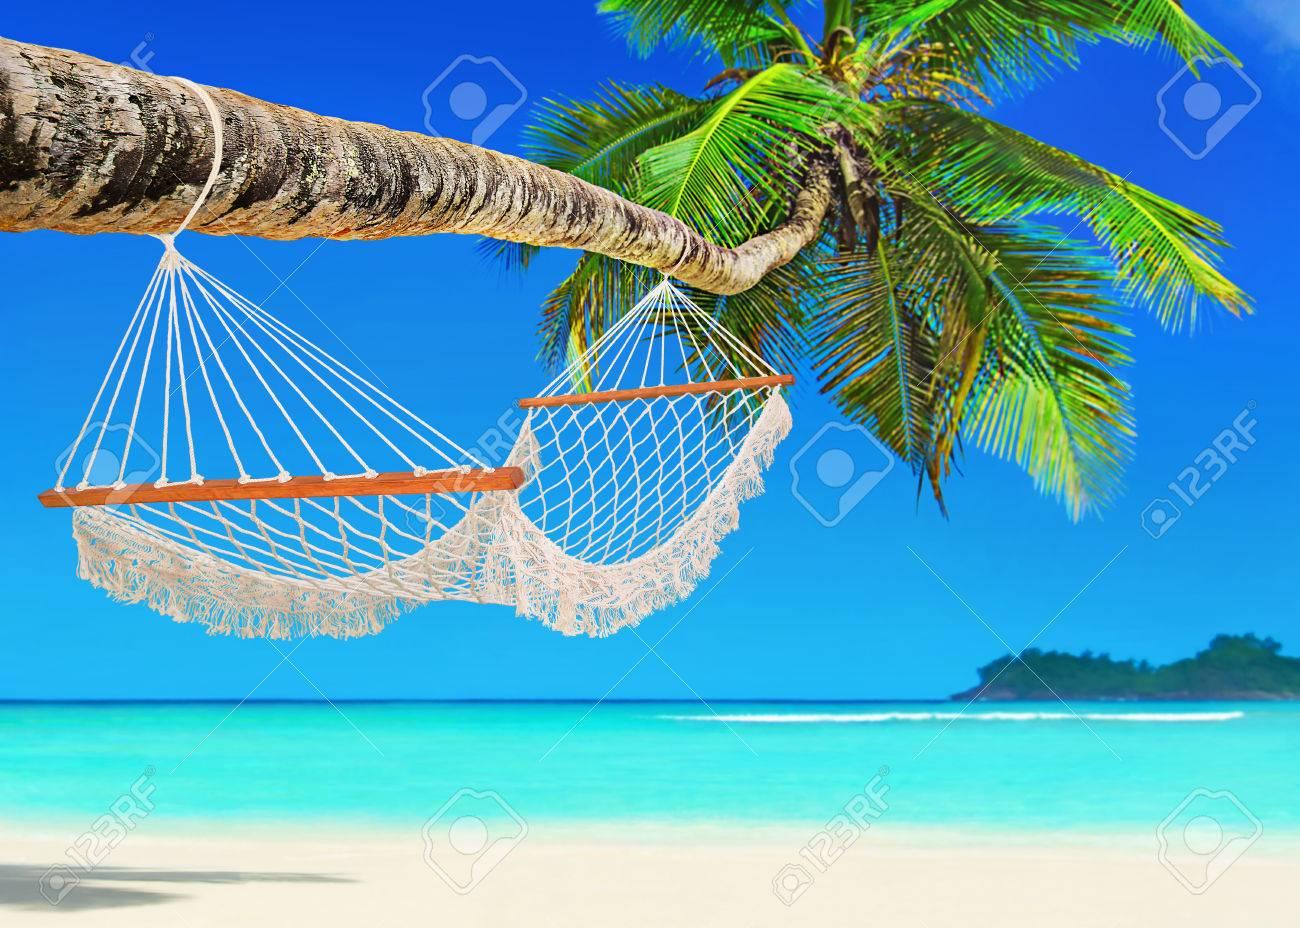 """Résultat de recherche d'images pour """"photos plages de sable cocotiers"""""""